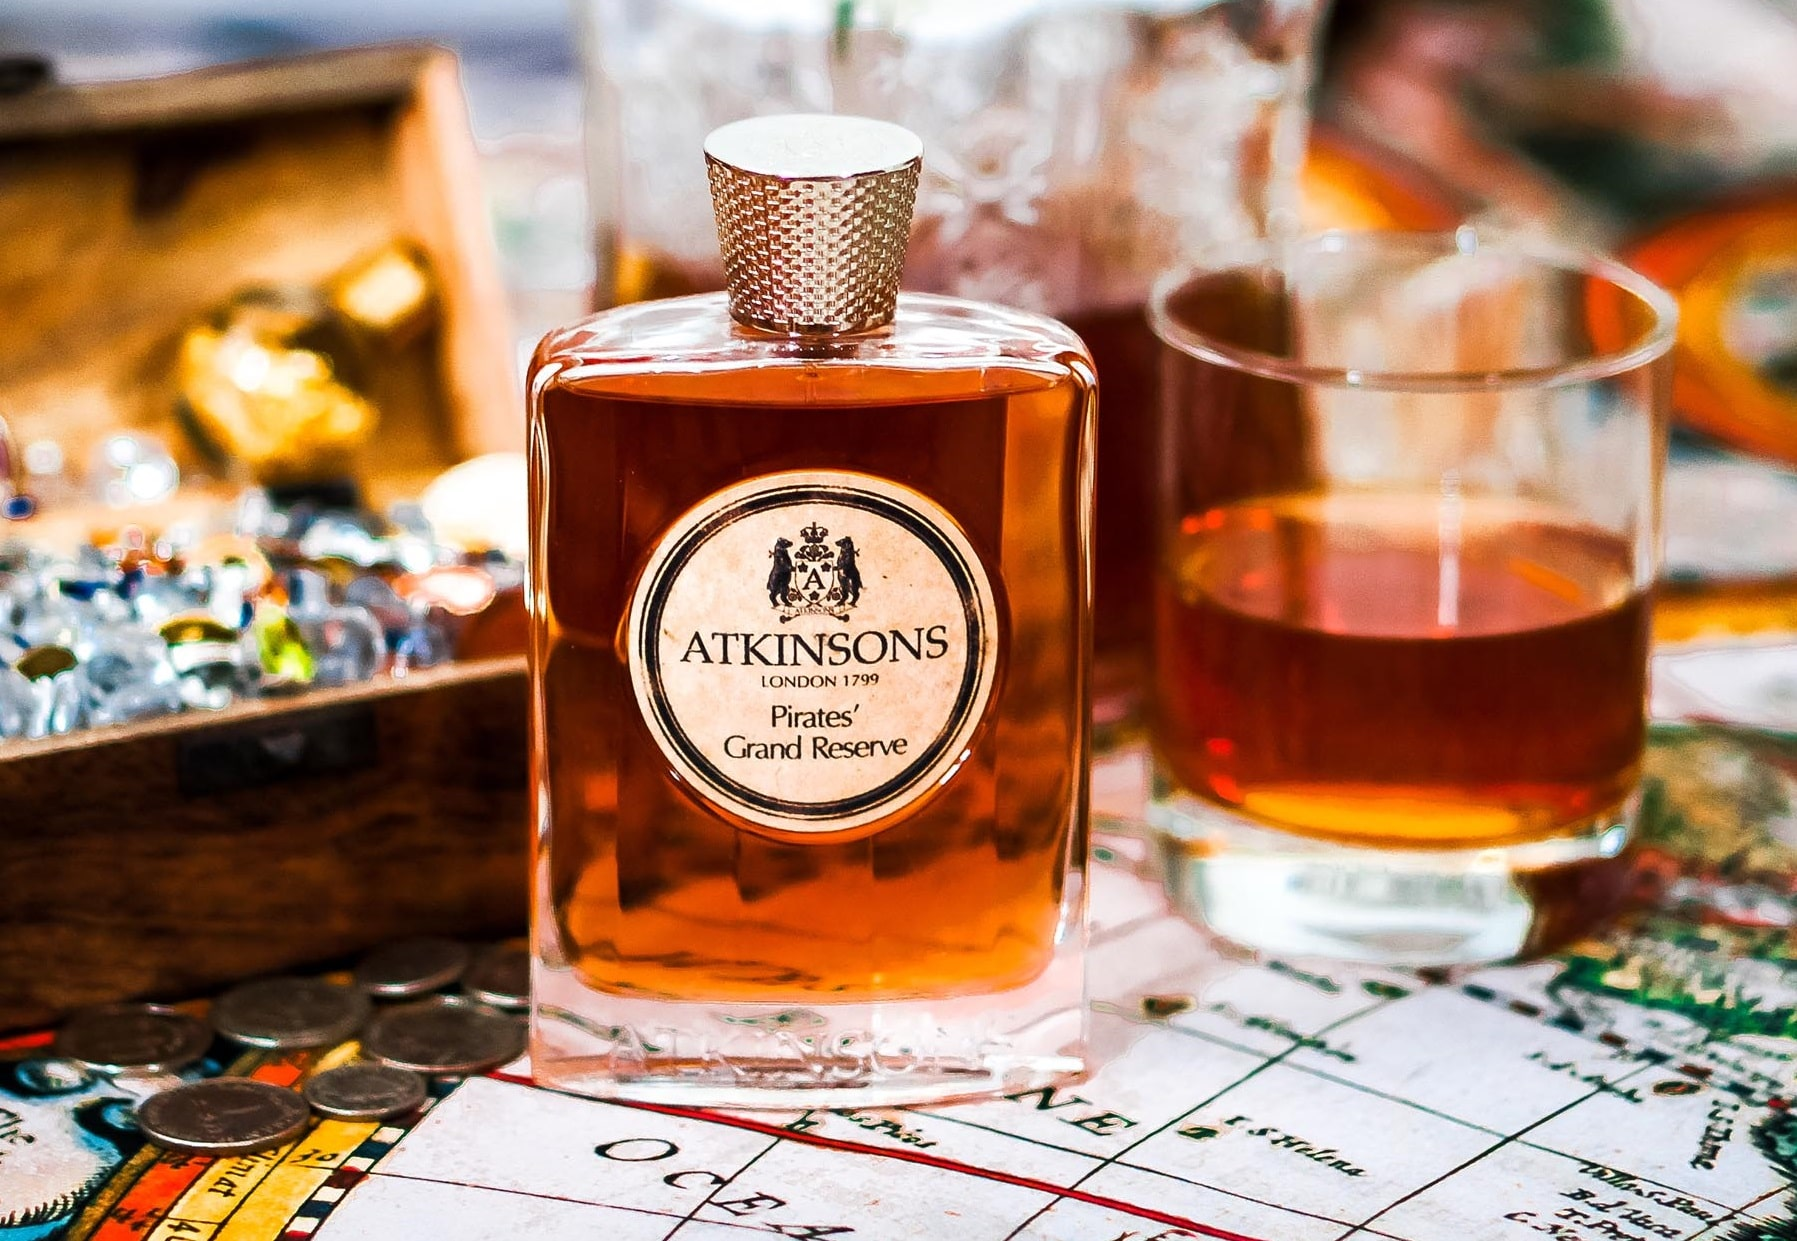 بررسی، مشاهده قیمت و خرید عطر (ادکلن) اتکینسونز (اتکینسون) پایریتس گرند رزرو Atkinsons Pirates' Grand Reserve اصل